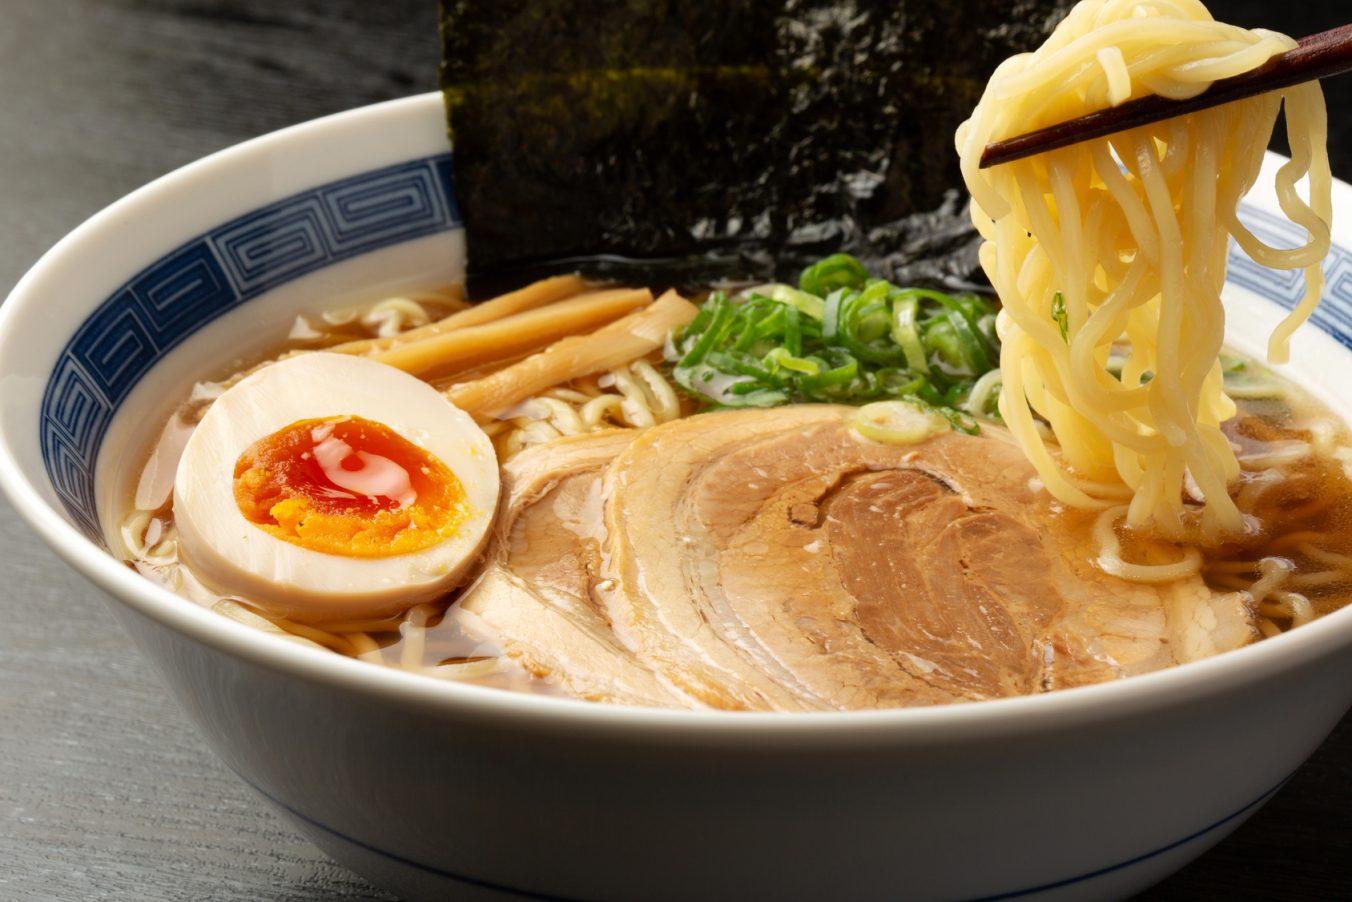 東京からドライブで行きたい埼玉県の美味しいラーメン屋17選+駐車場情報